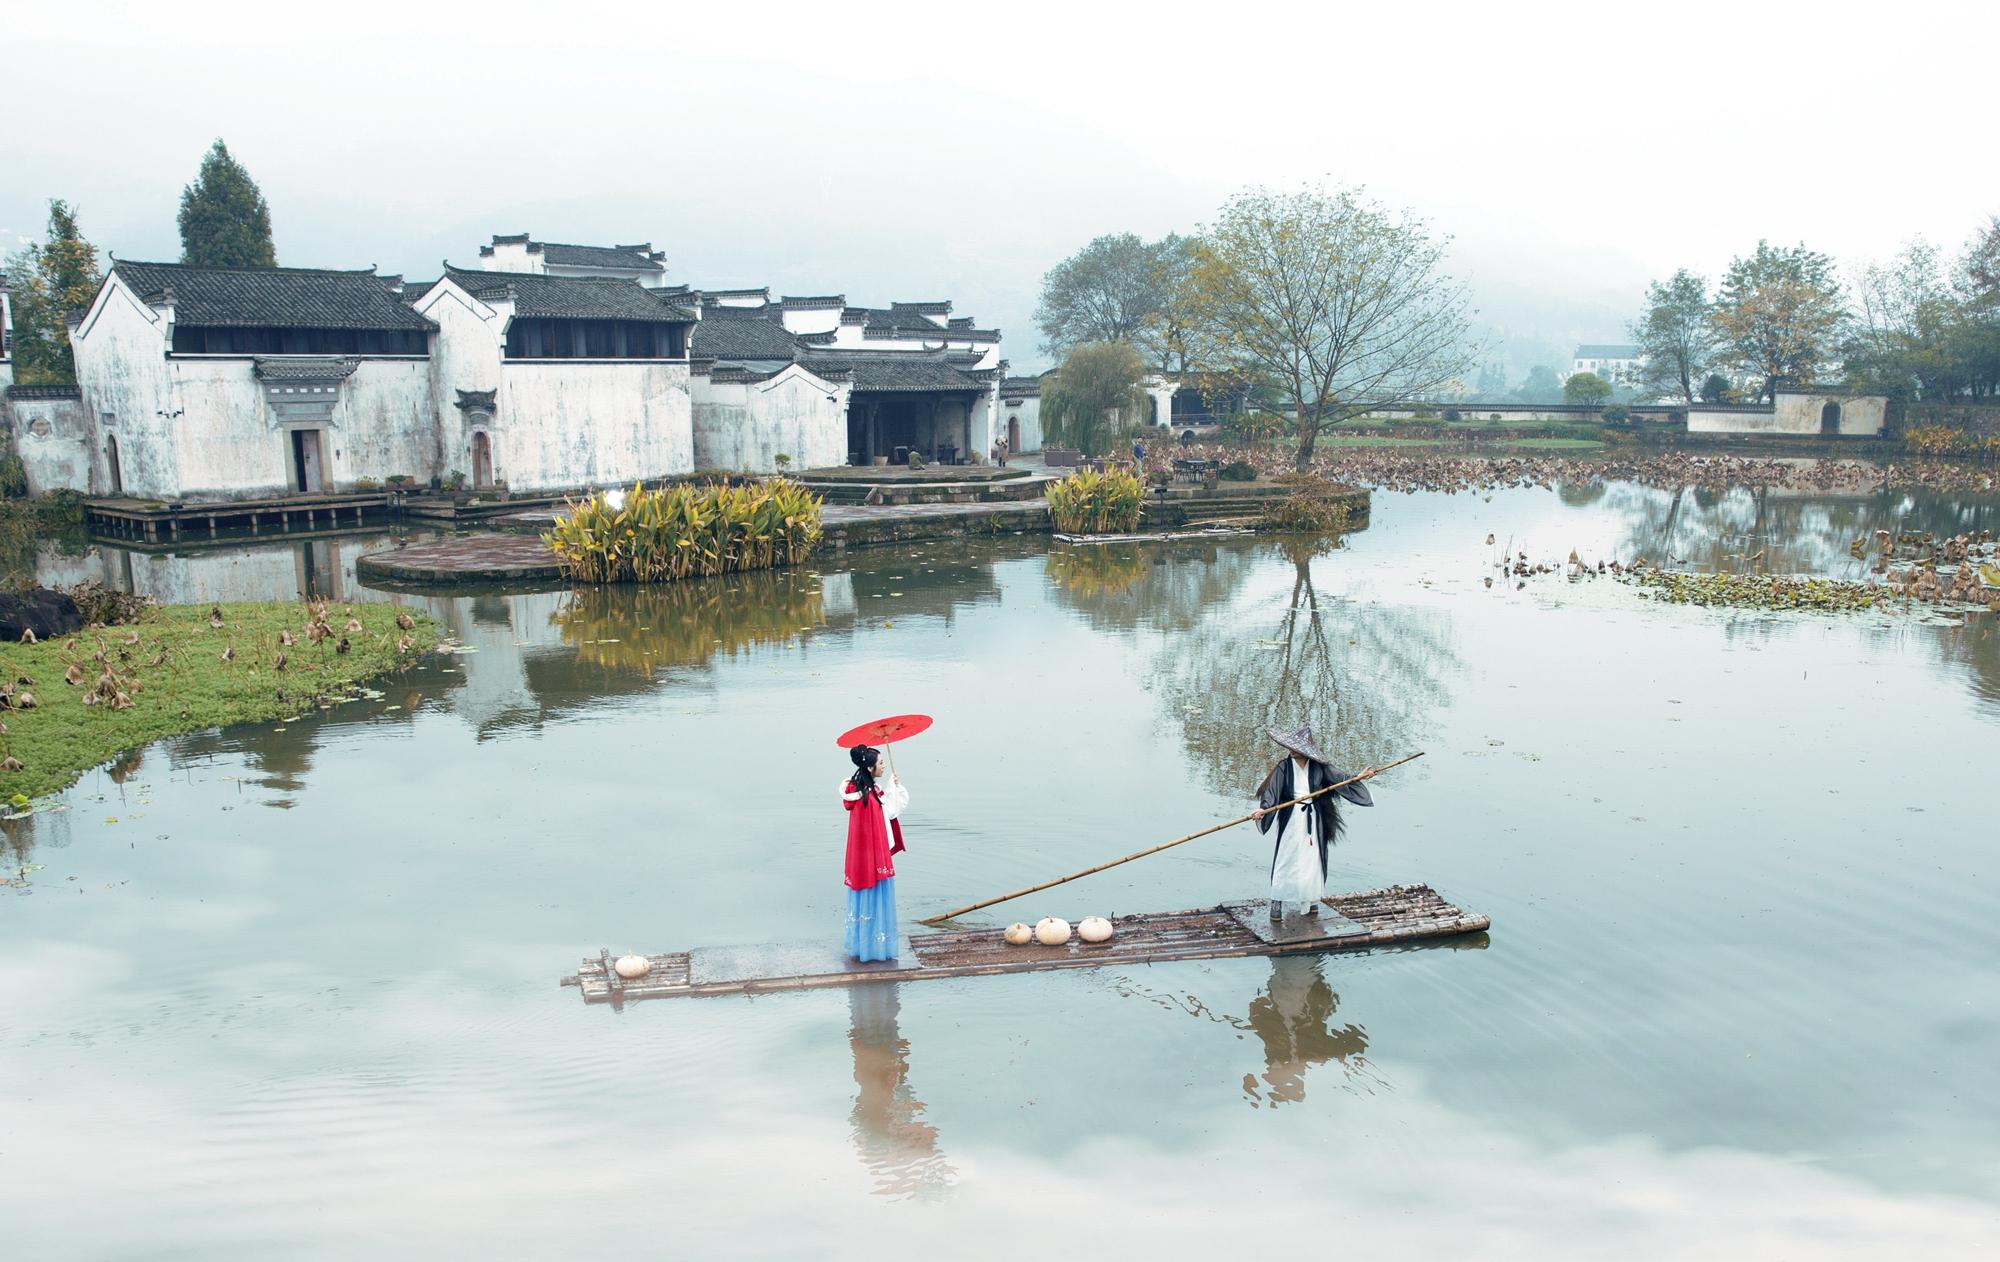 神秘村落,八卦传说,综艺偏爱的地方长什么样?